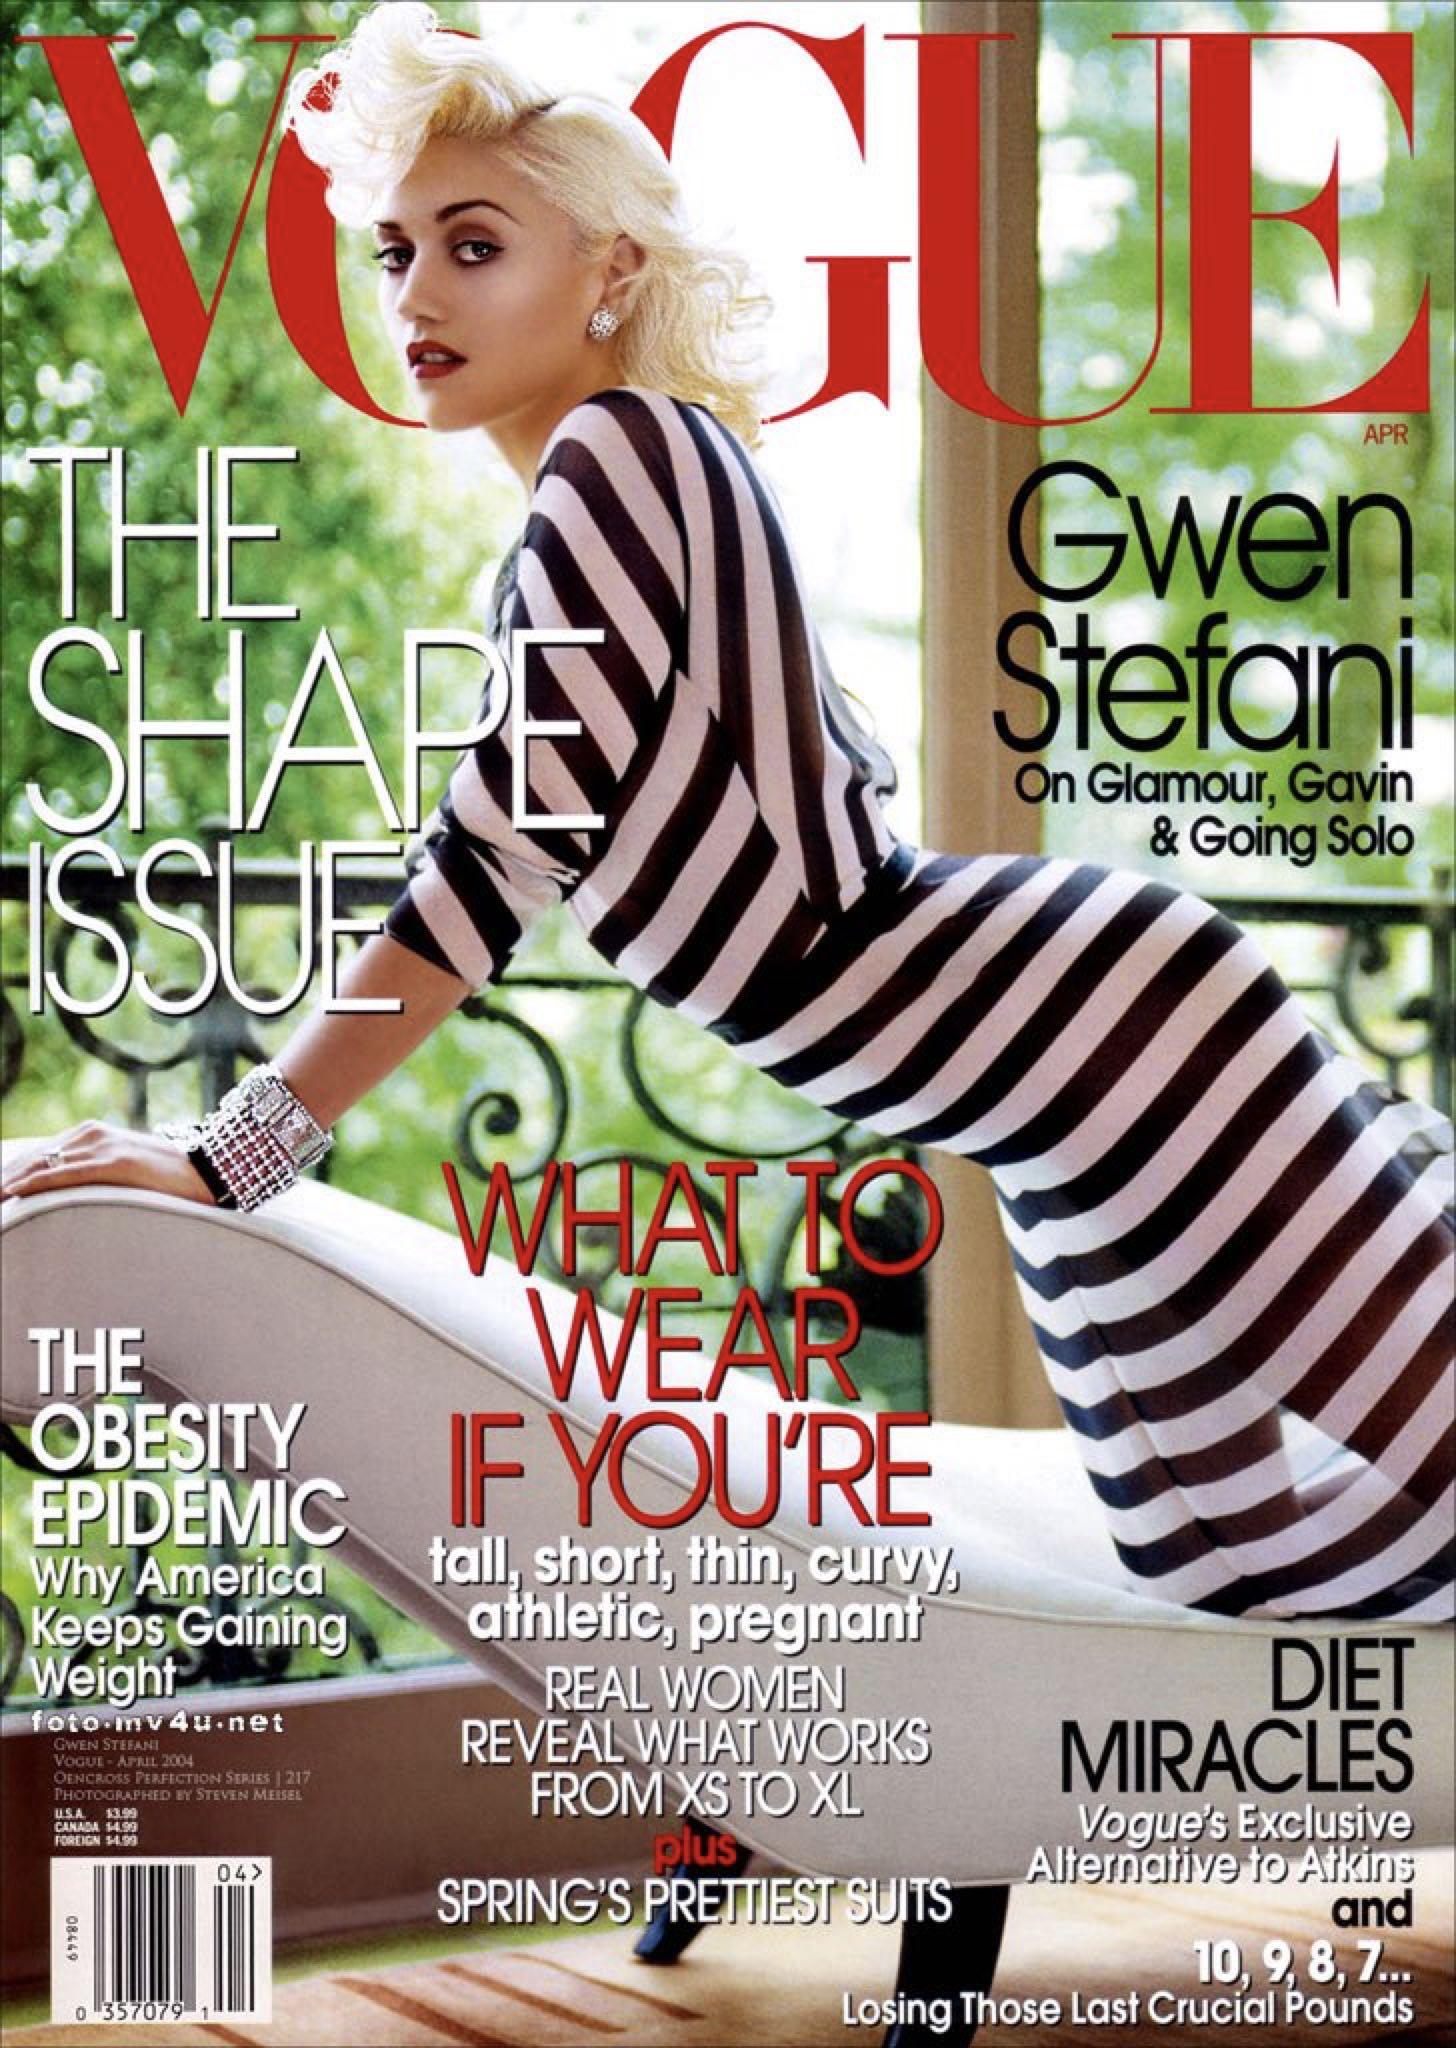 Vogue Magazine - 2004 (April) front image (front cover)